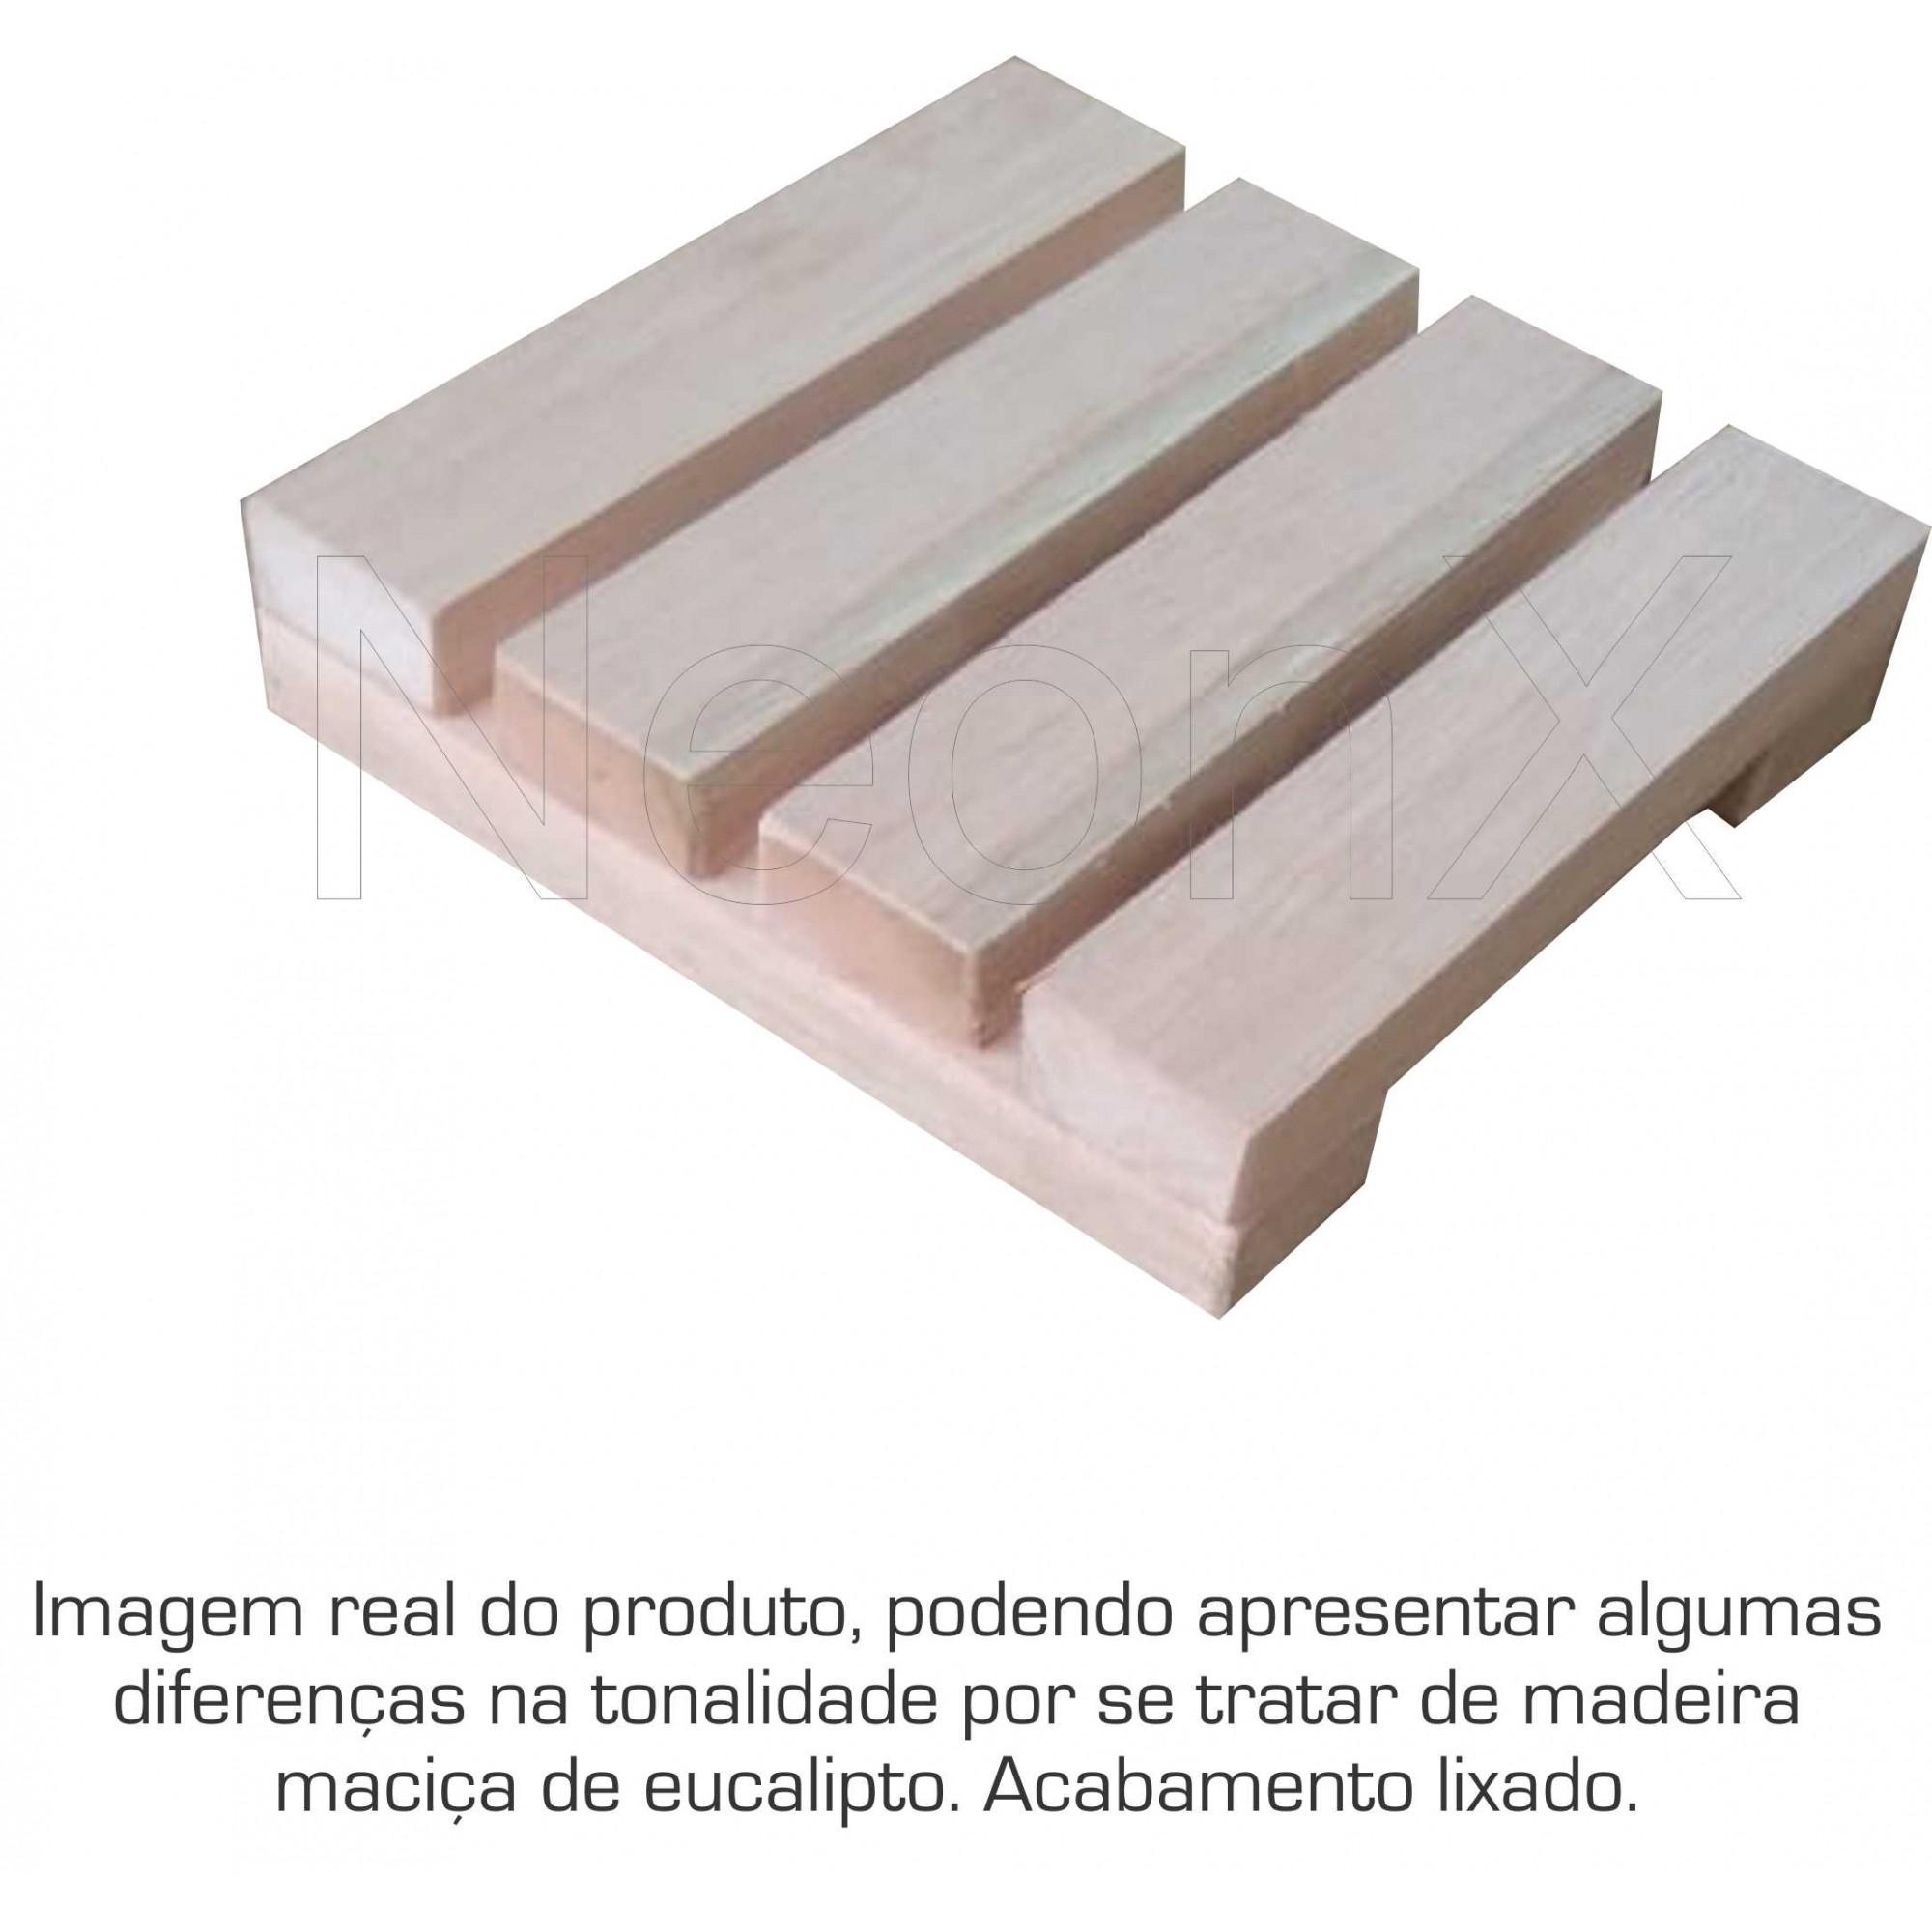 Deck Madeira Modular 20x20 Cm Réguas 4 cm NeonX